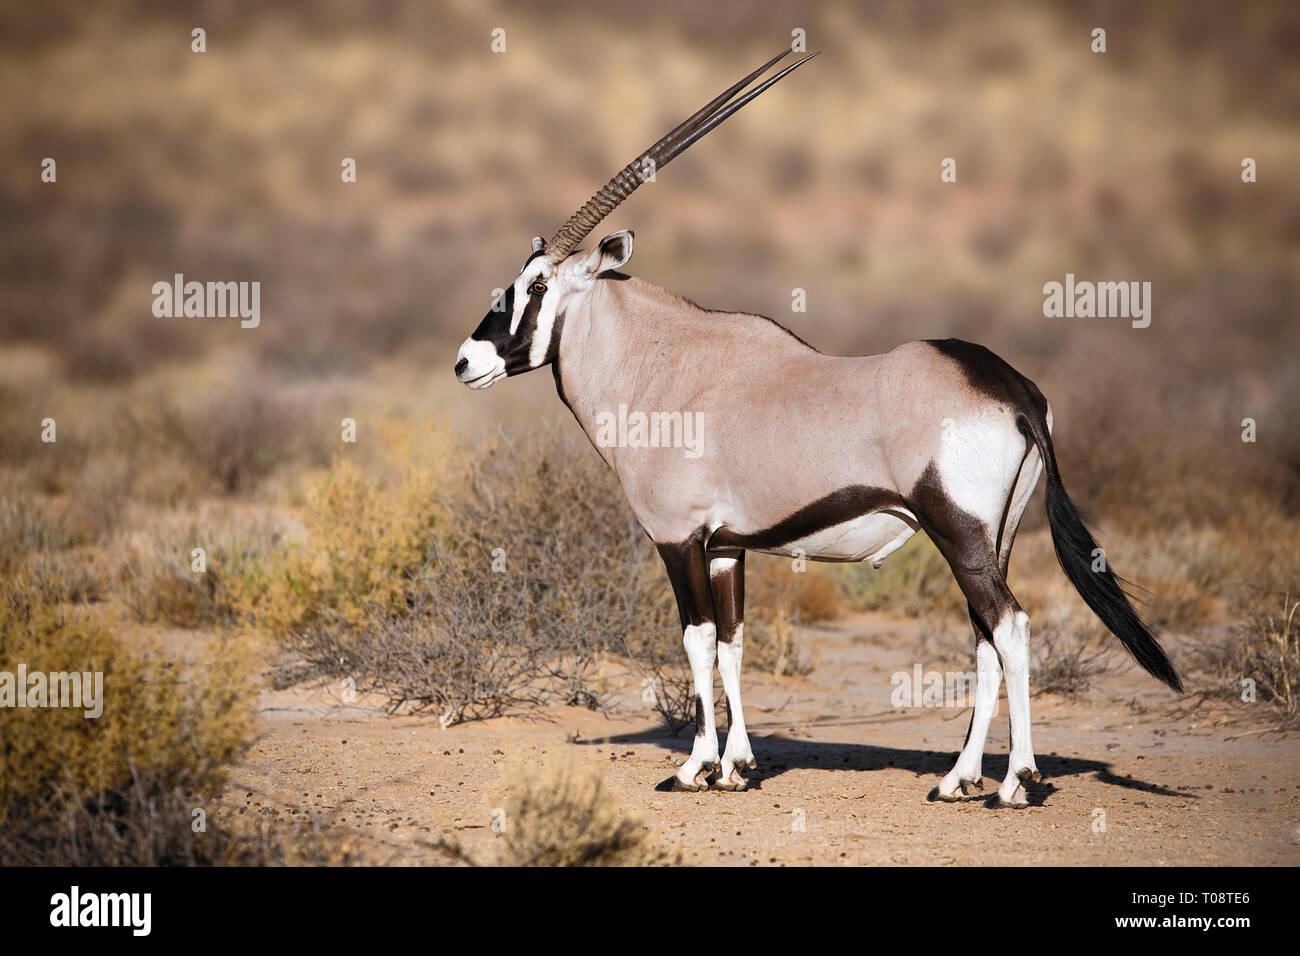 Portrait dans le parc Kgalagadi Gemsbok Park Afrique du Sud, Oryx gazella Banque D'Images